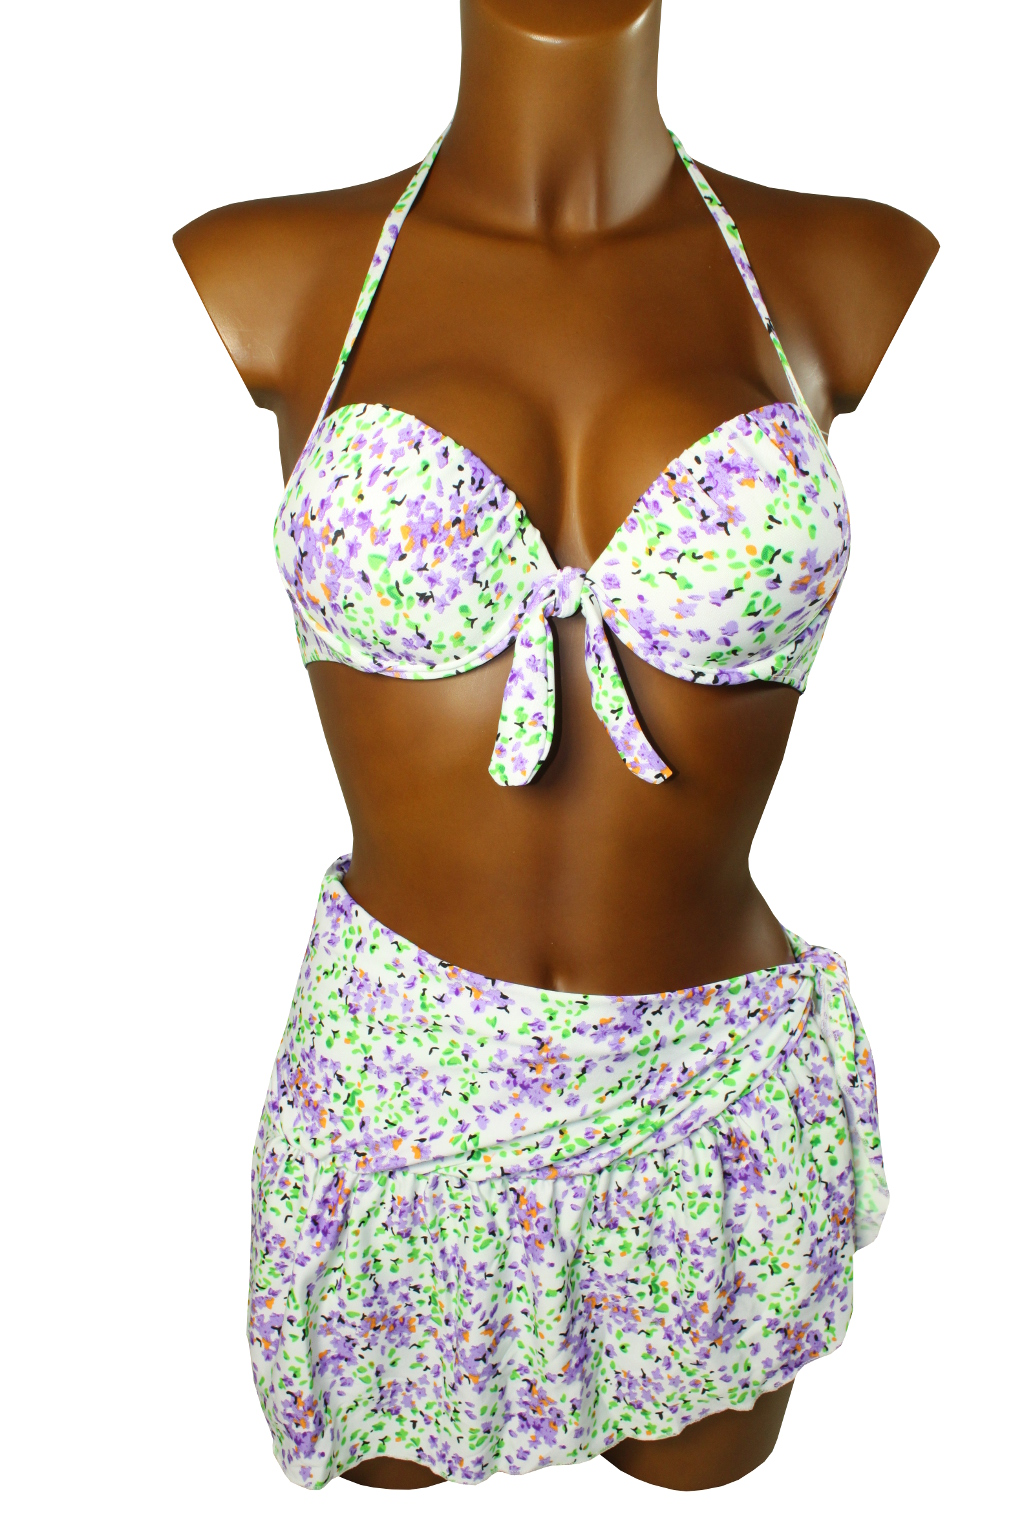 Spring plavky se sukénkou - výprodej L zelená